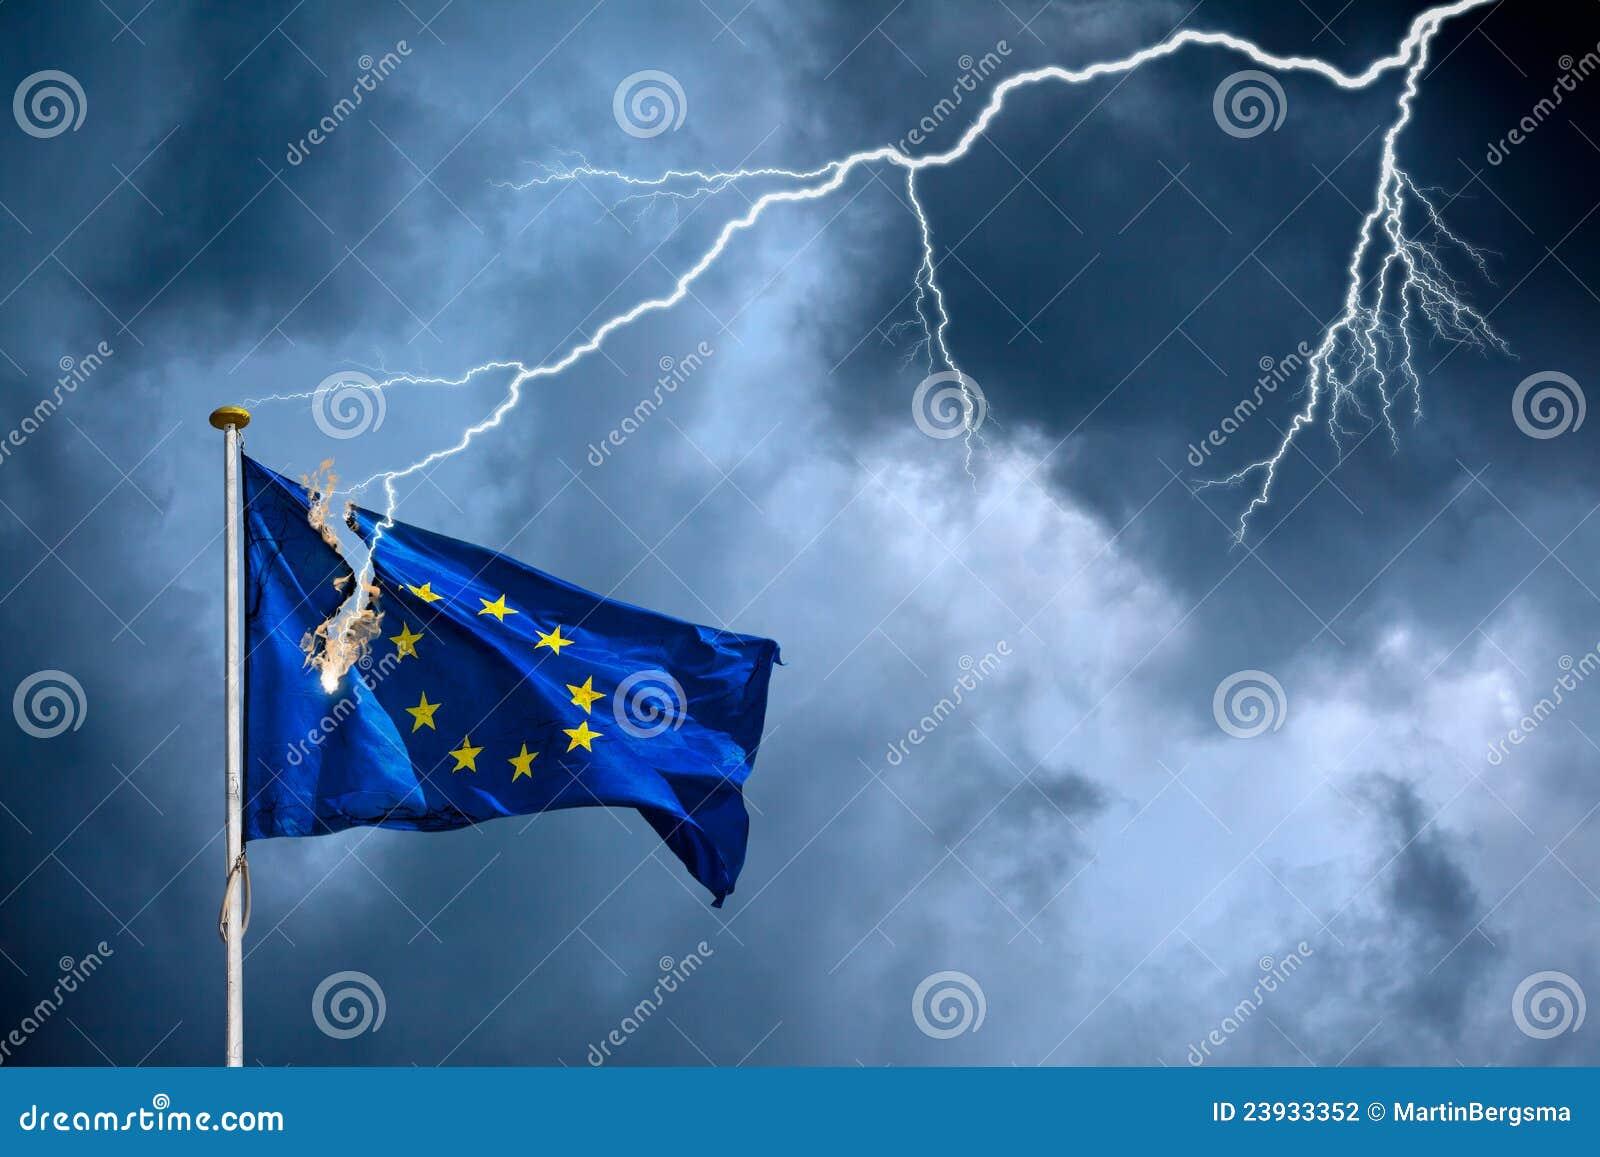 Die europäische ökonomische/politische Krise